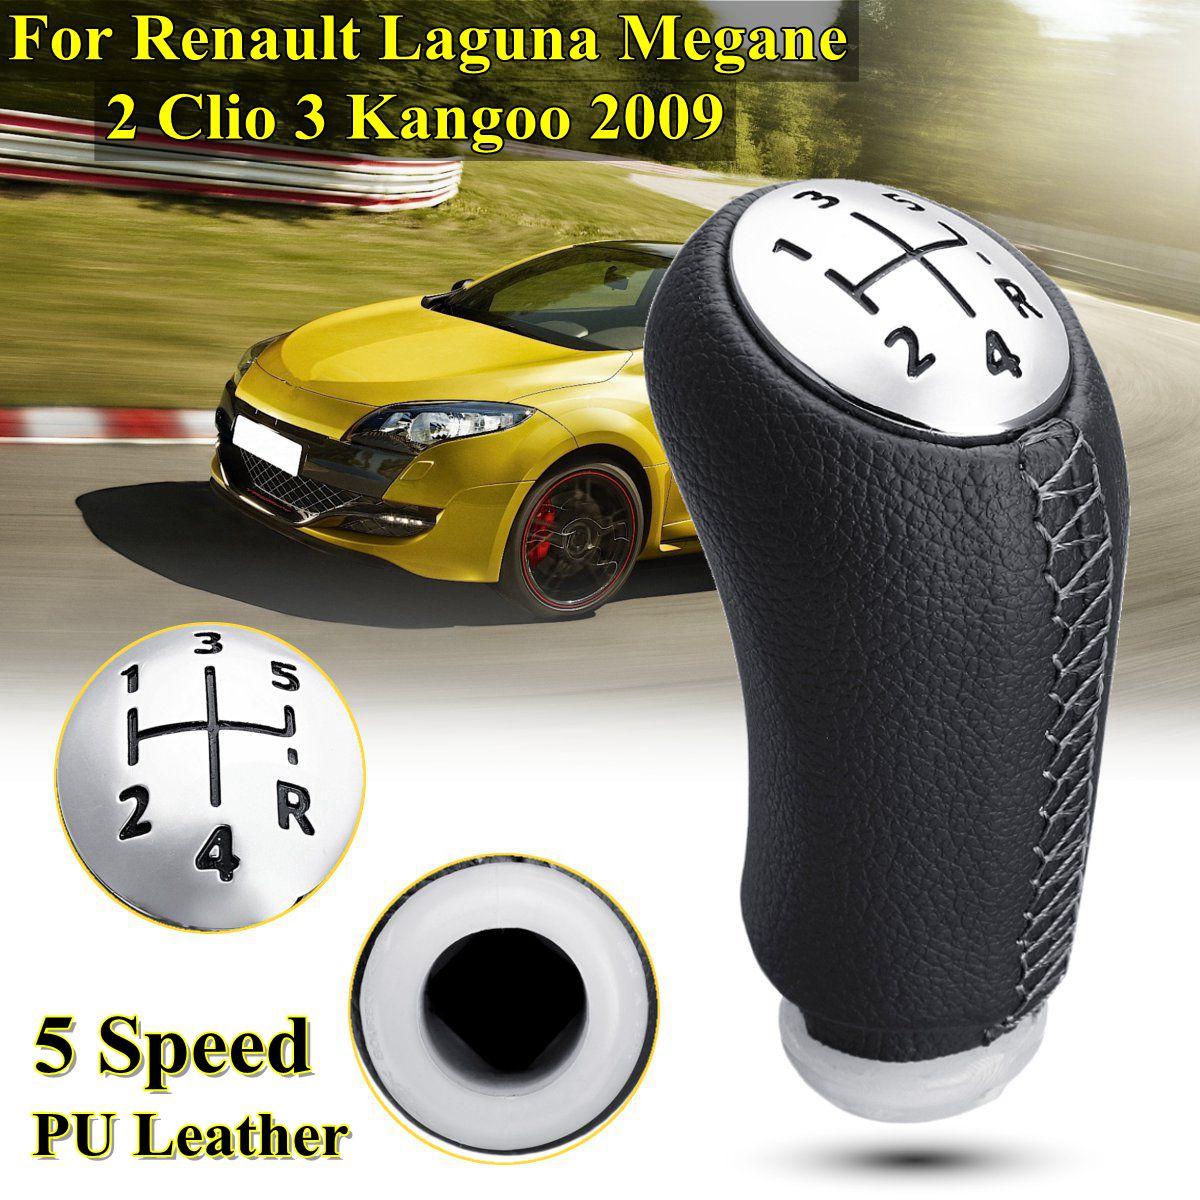 1 piezas de cuero de brillo de Color mate 5 velocidad de cambio de engranaje de mando la cabeza de palo para RENAULT Laguna Megane 2 Clio 3 2003-2009 Kangoo 2009